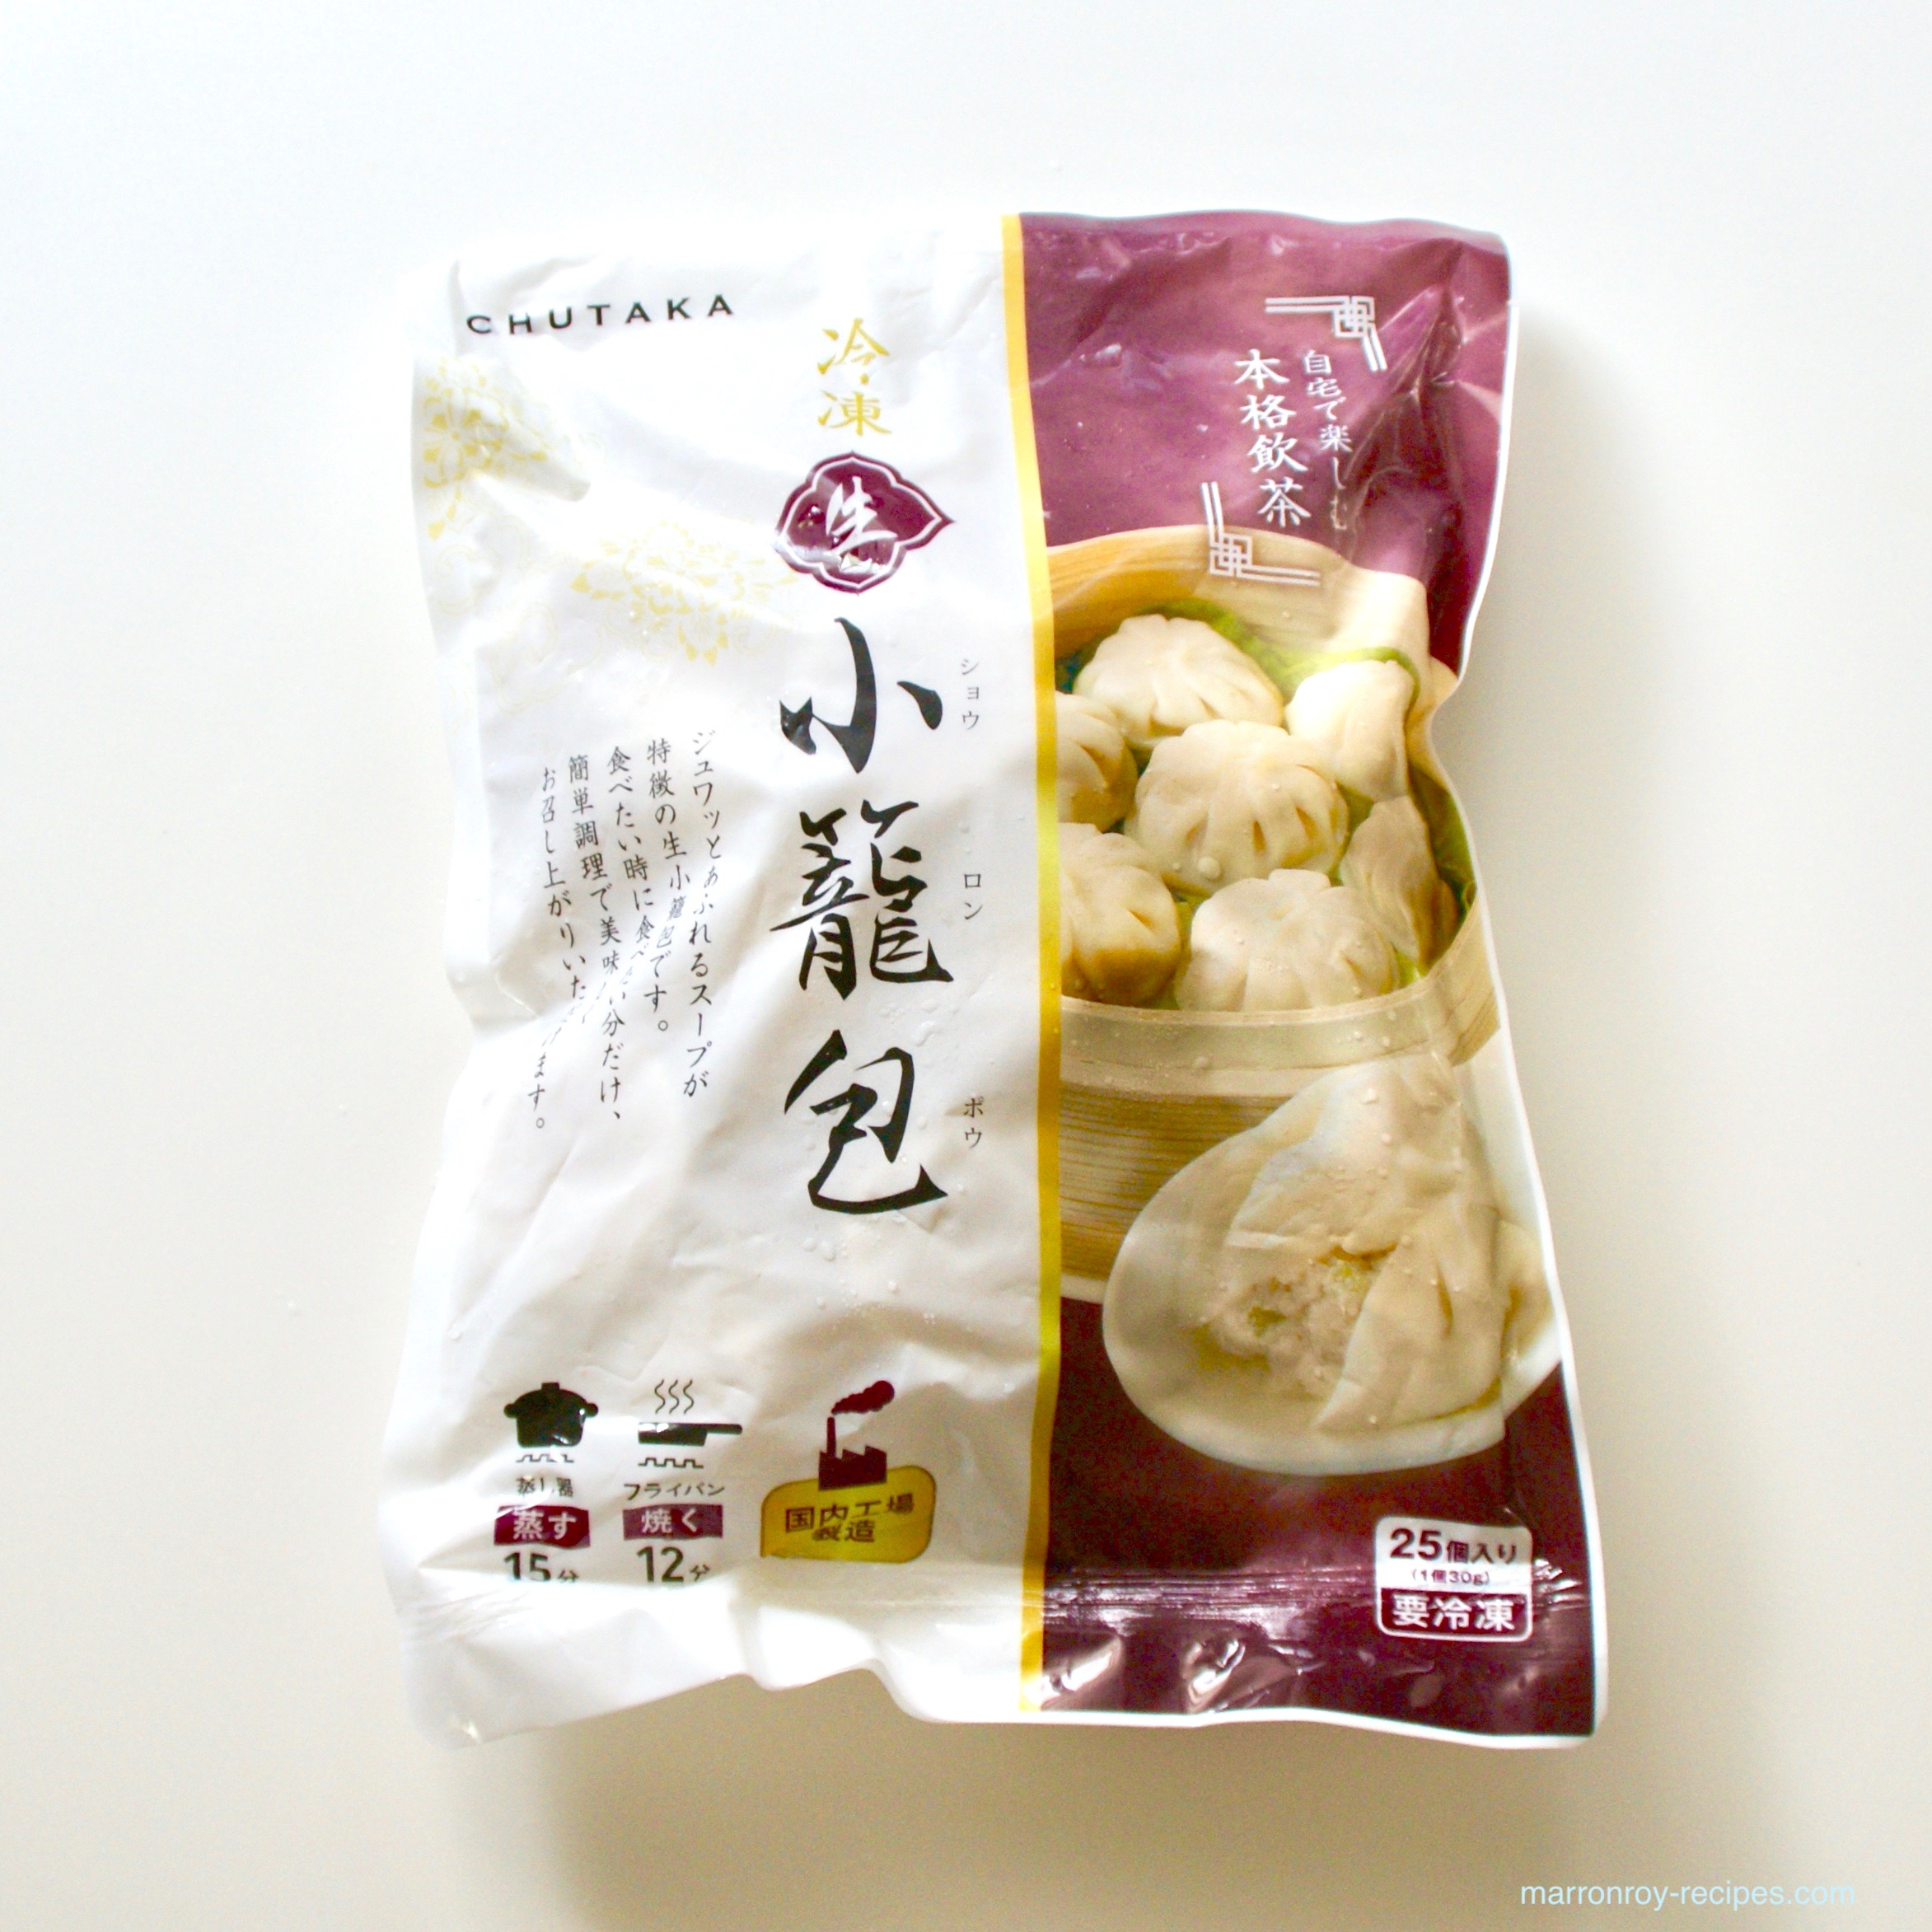 本格飲茶が家で食べられる!コストコで冷凍生小籠包を買ってみました